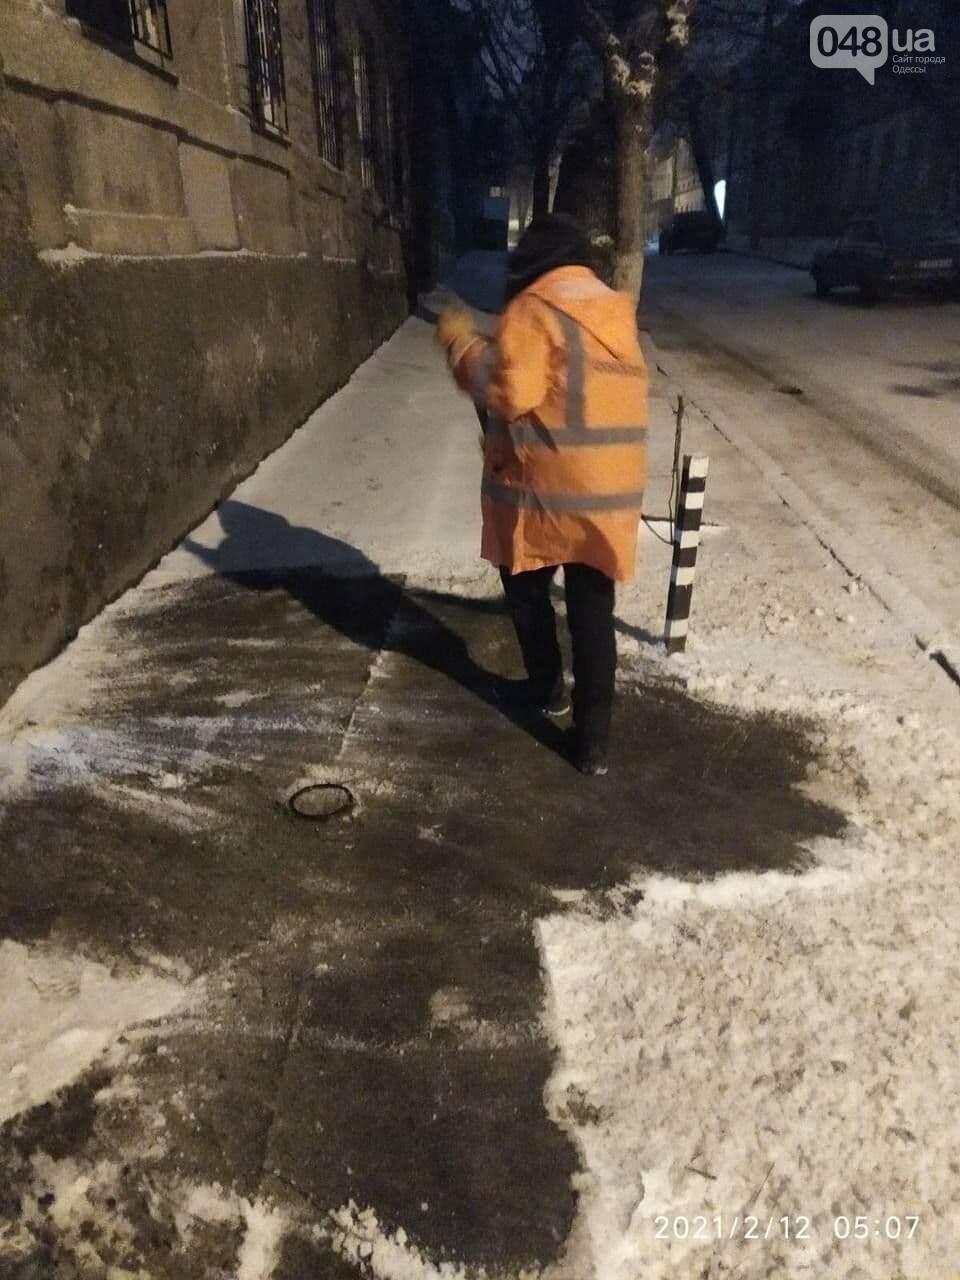 В Одессе около 100 автомобилей всю ночь разгребали снег и посыпали улицы,- ФОТО, ВИДЕО, фото-2